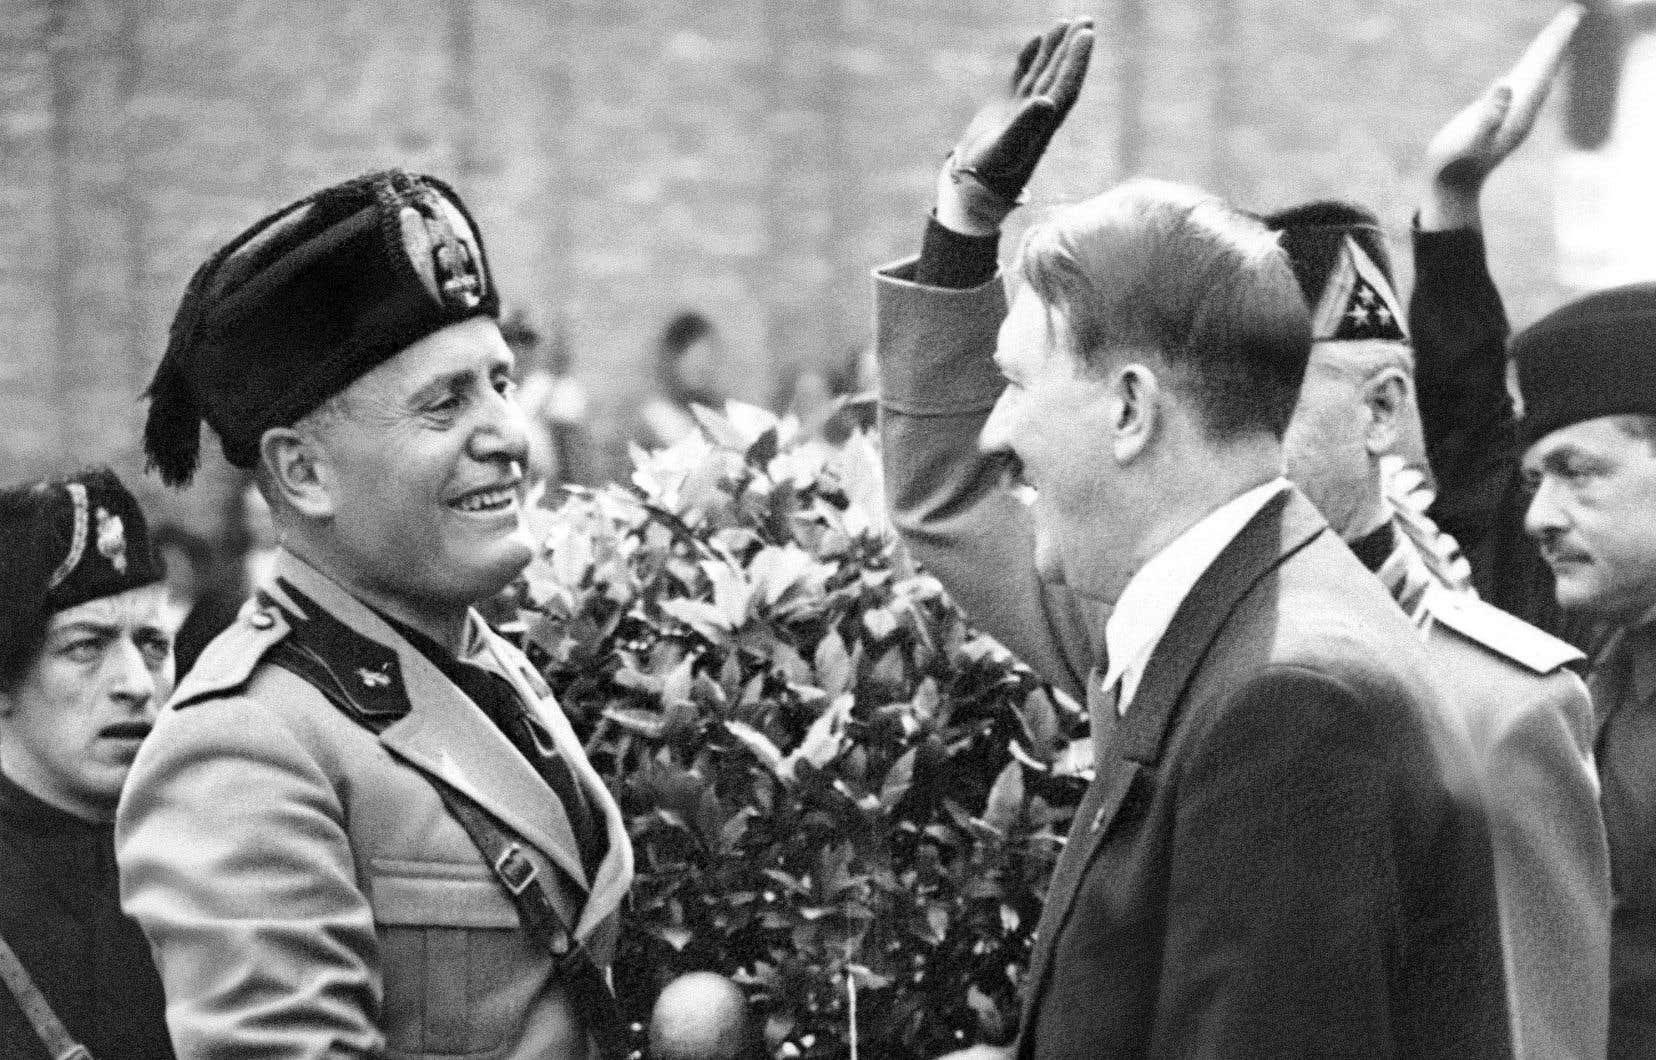 Si elle se méfie plutôt d'Hitler, la presse canadienne-française est, en règle générale, mieux disposée envers Mussolini. À Québec, même un journal plus libéral comme «Le Soleil» va jusqu'à inscrire Mussolini dans la suite logique d'Alexandre le Grand, de César et de Napoléon.